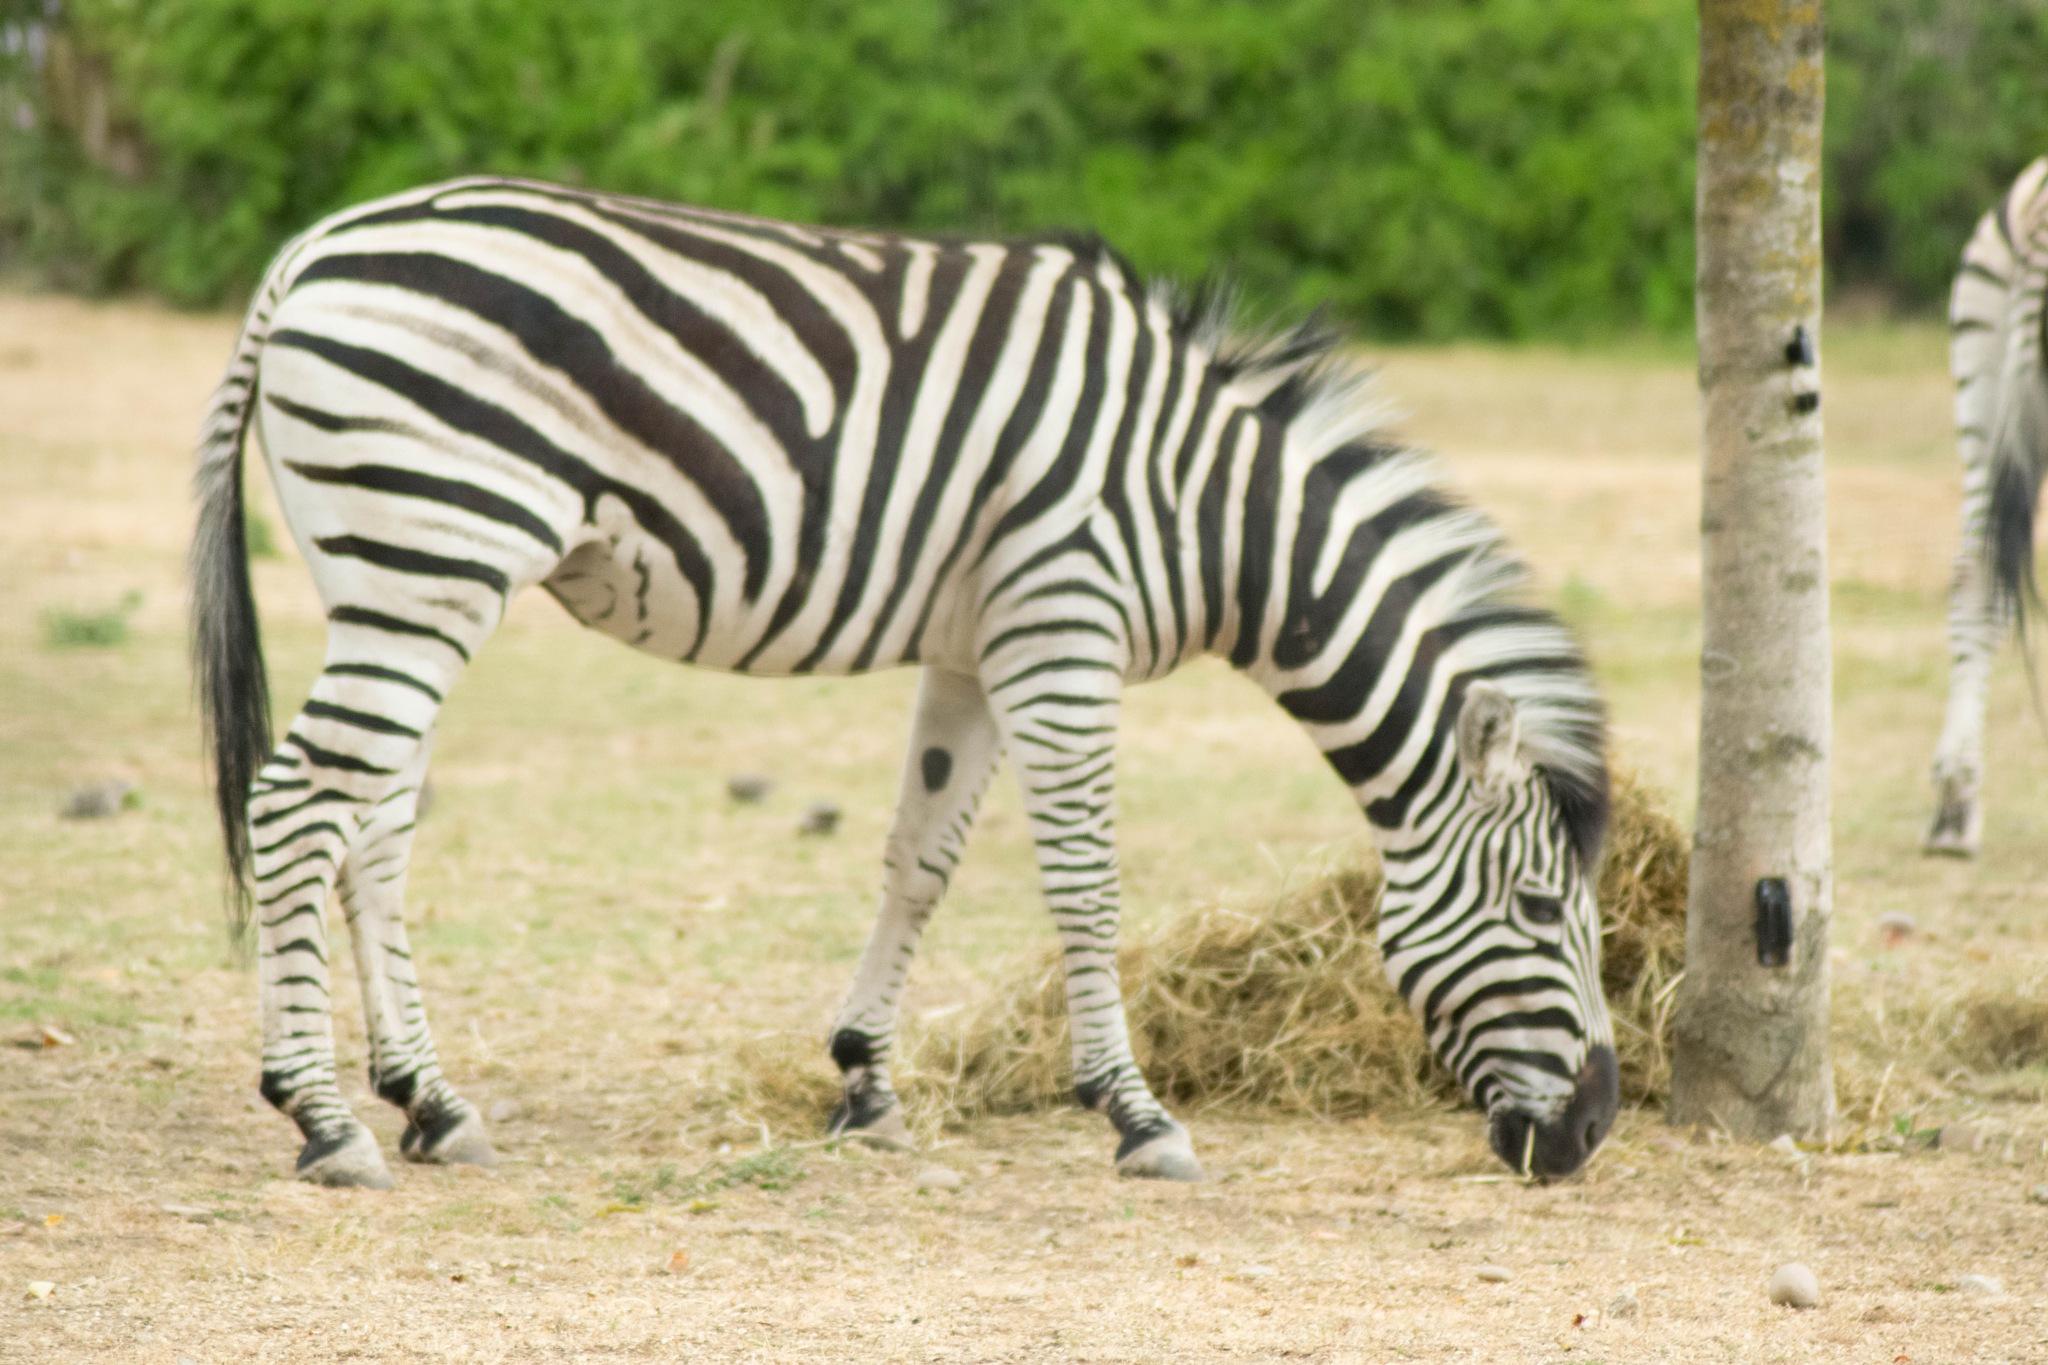 Zebra Grazing by Dan Waters